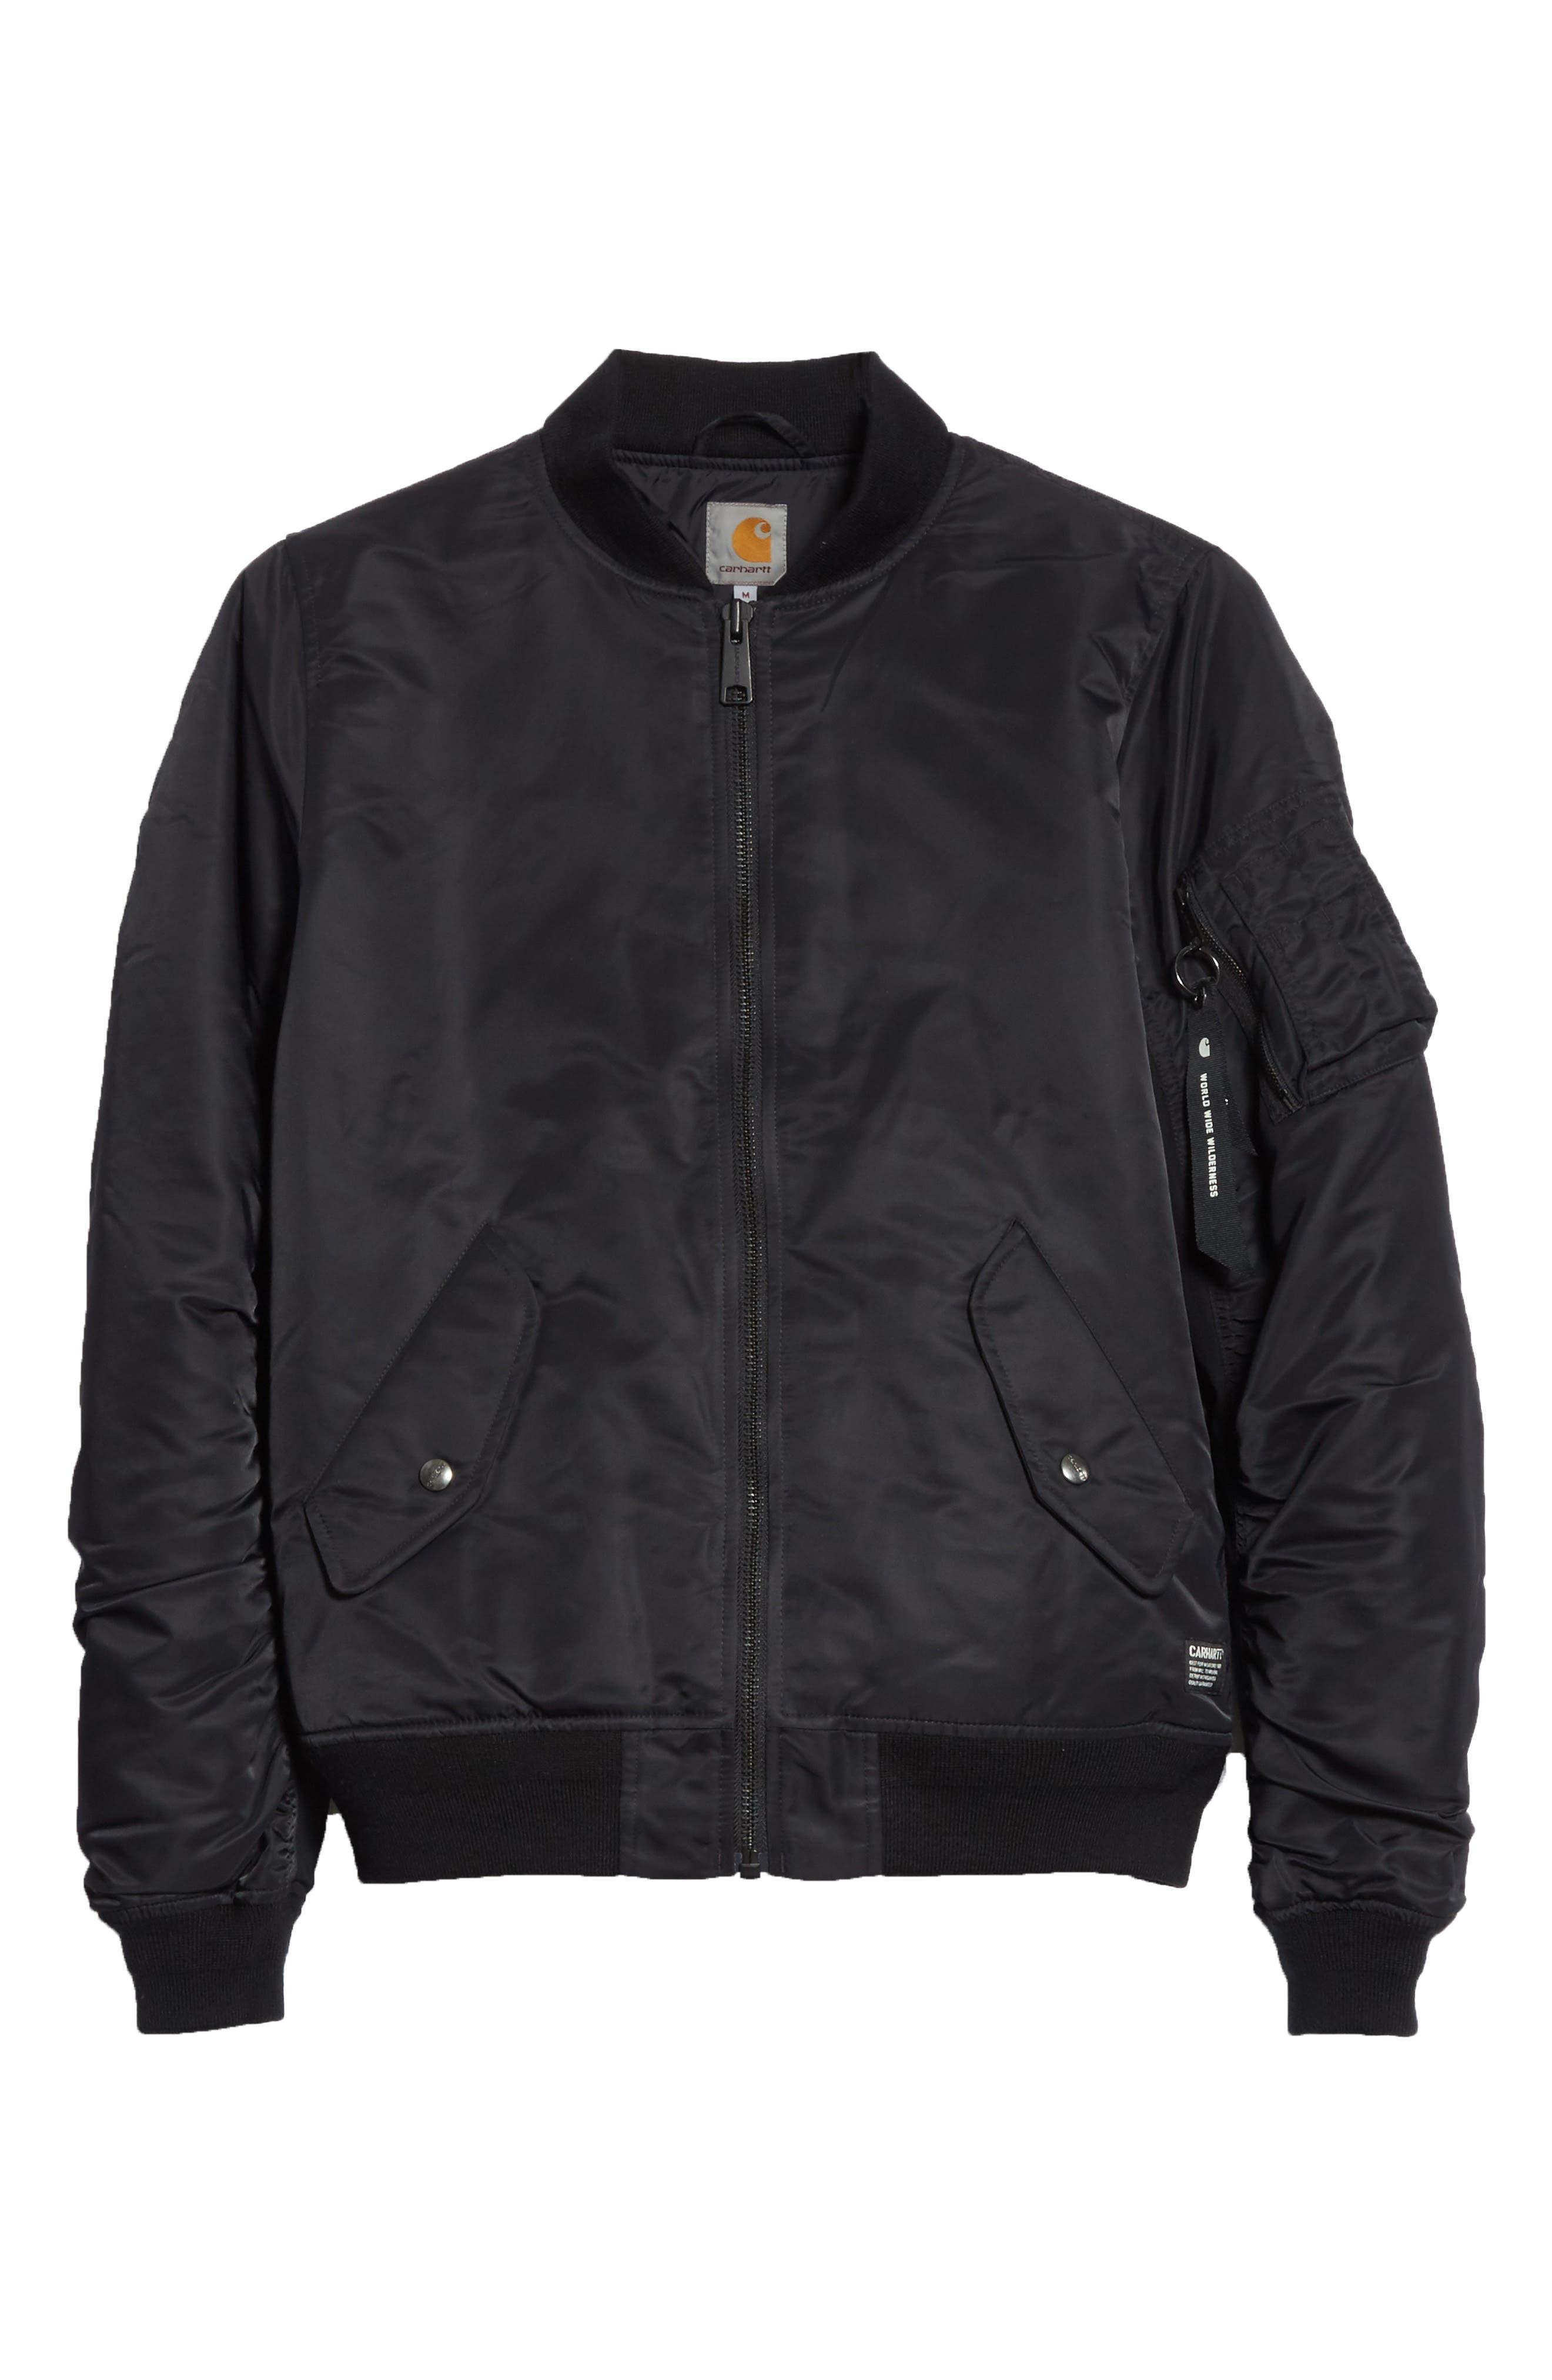 Ashton Bomber Jacket,                             Alternate thumbnail 6, color,                             Black/ Black